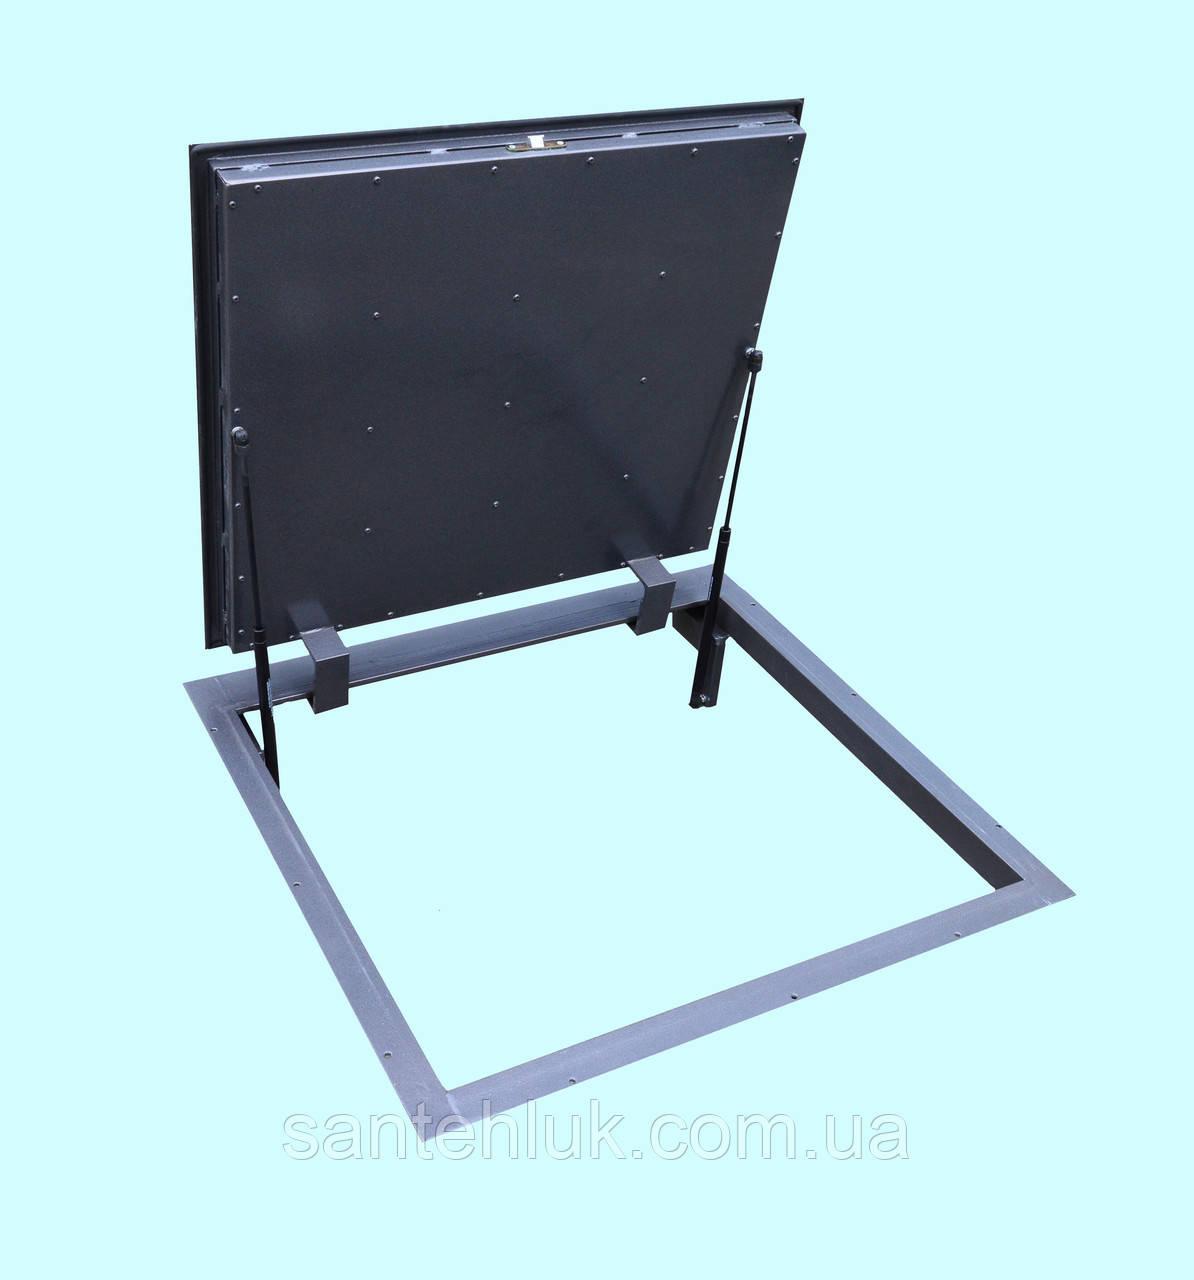 Напольный люк  герметичный утепленный 700*600 люк в пол, подвал на газовых амортизаторах.